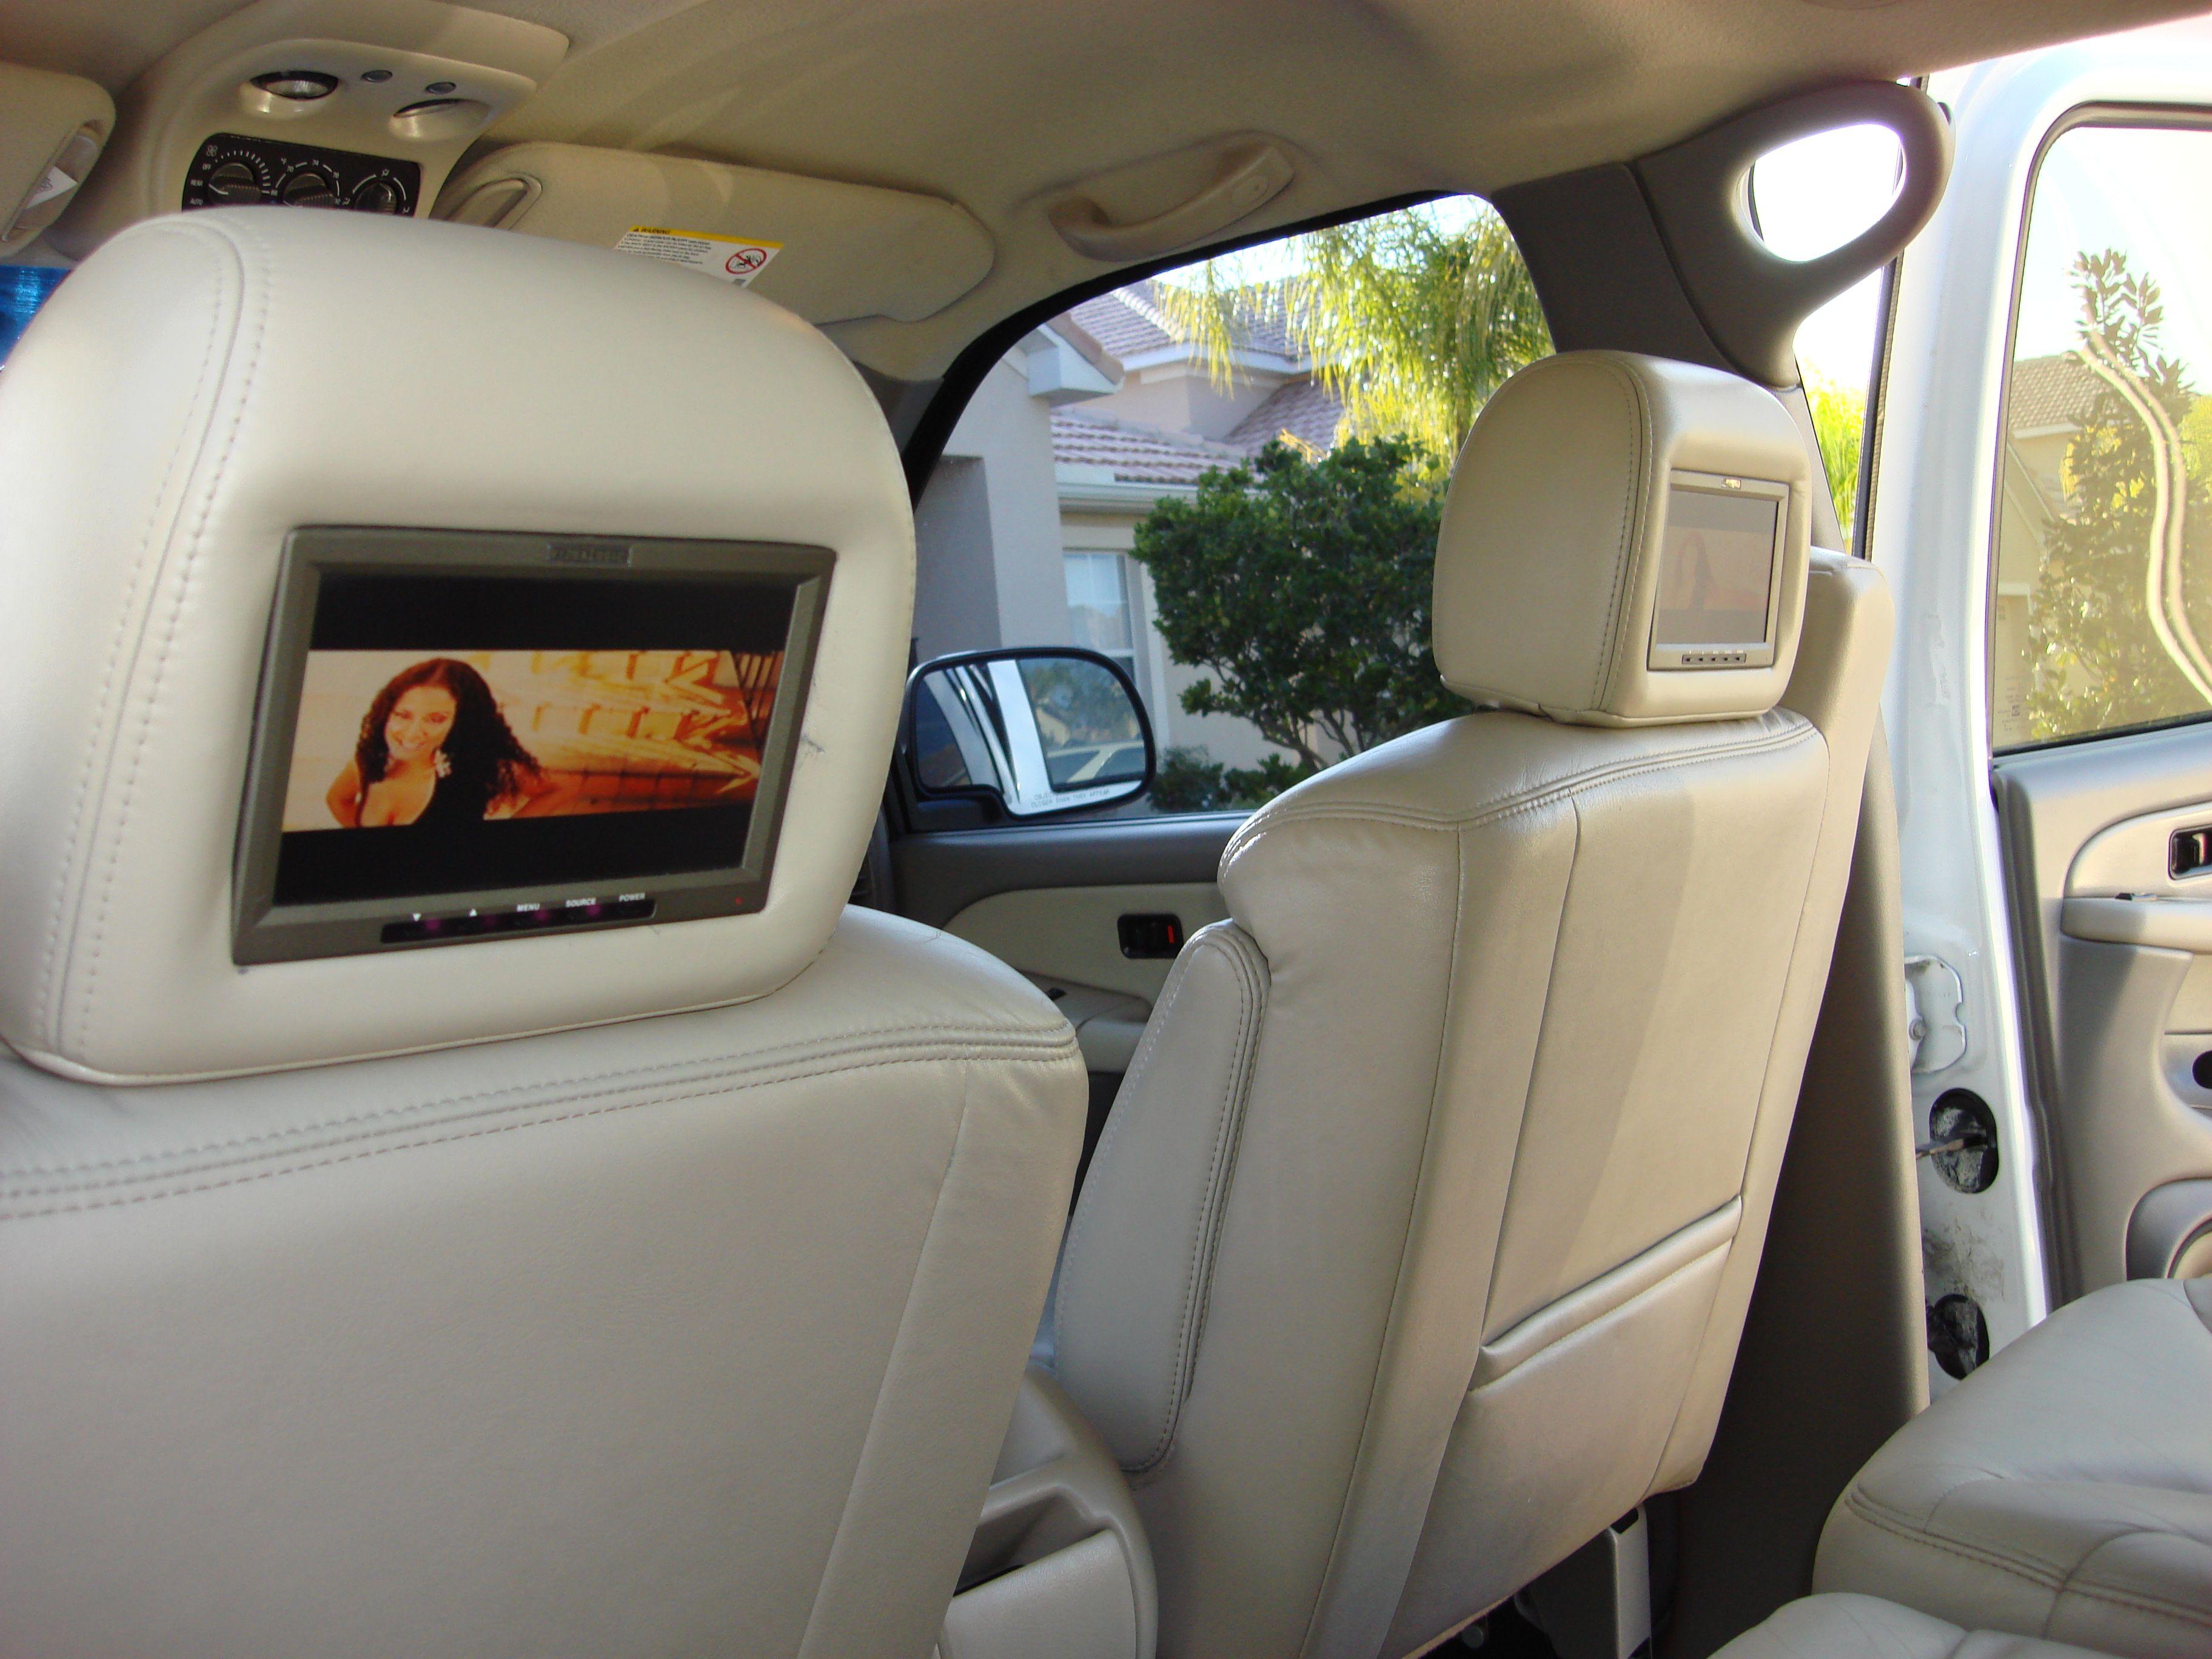 Built In Tv Monitors In Headrest Car Seats Yukon Denali Headrest